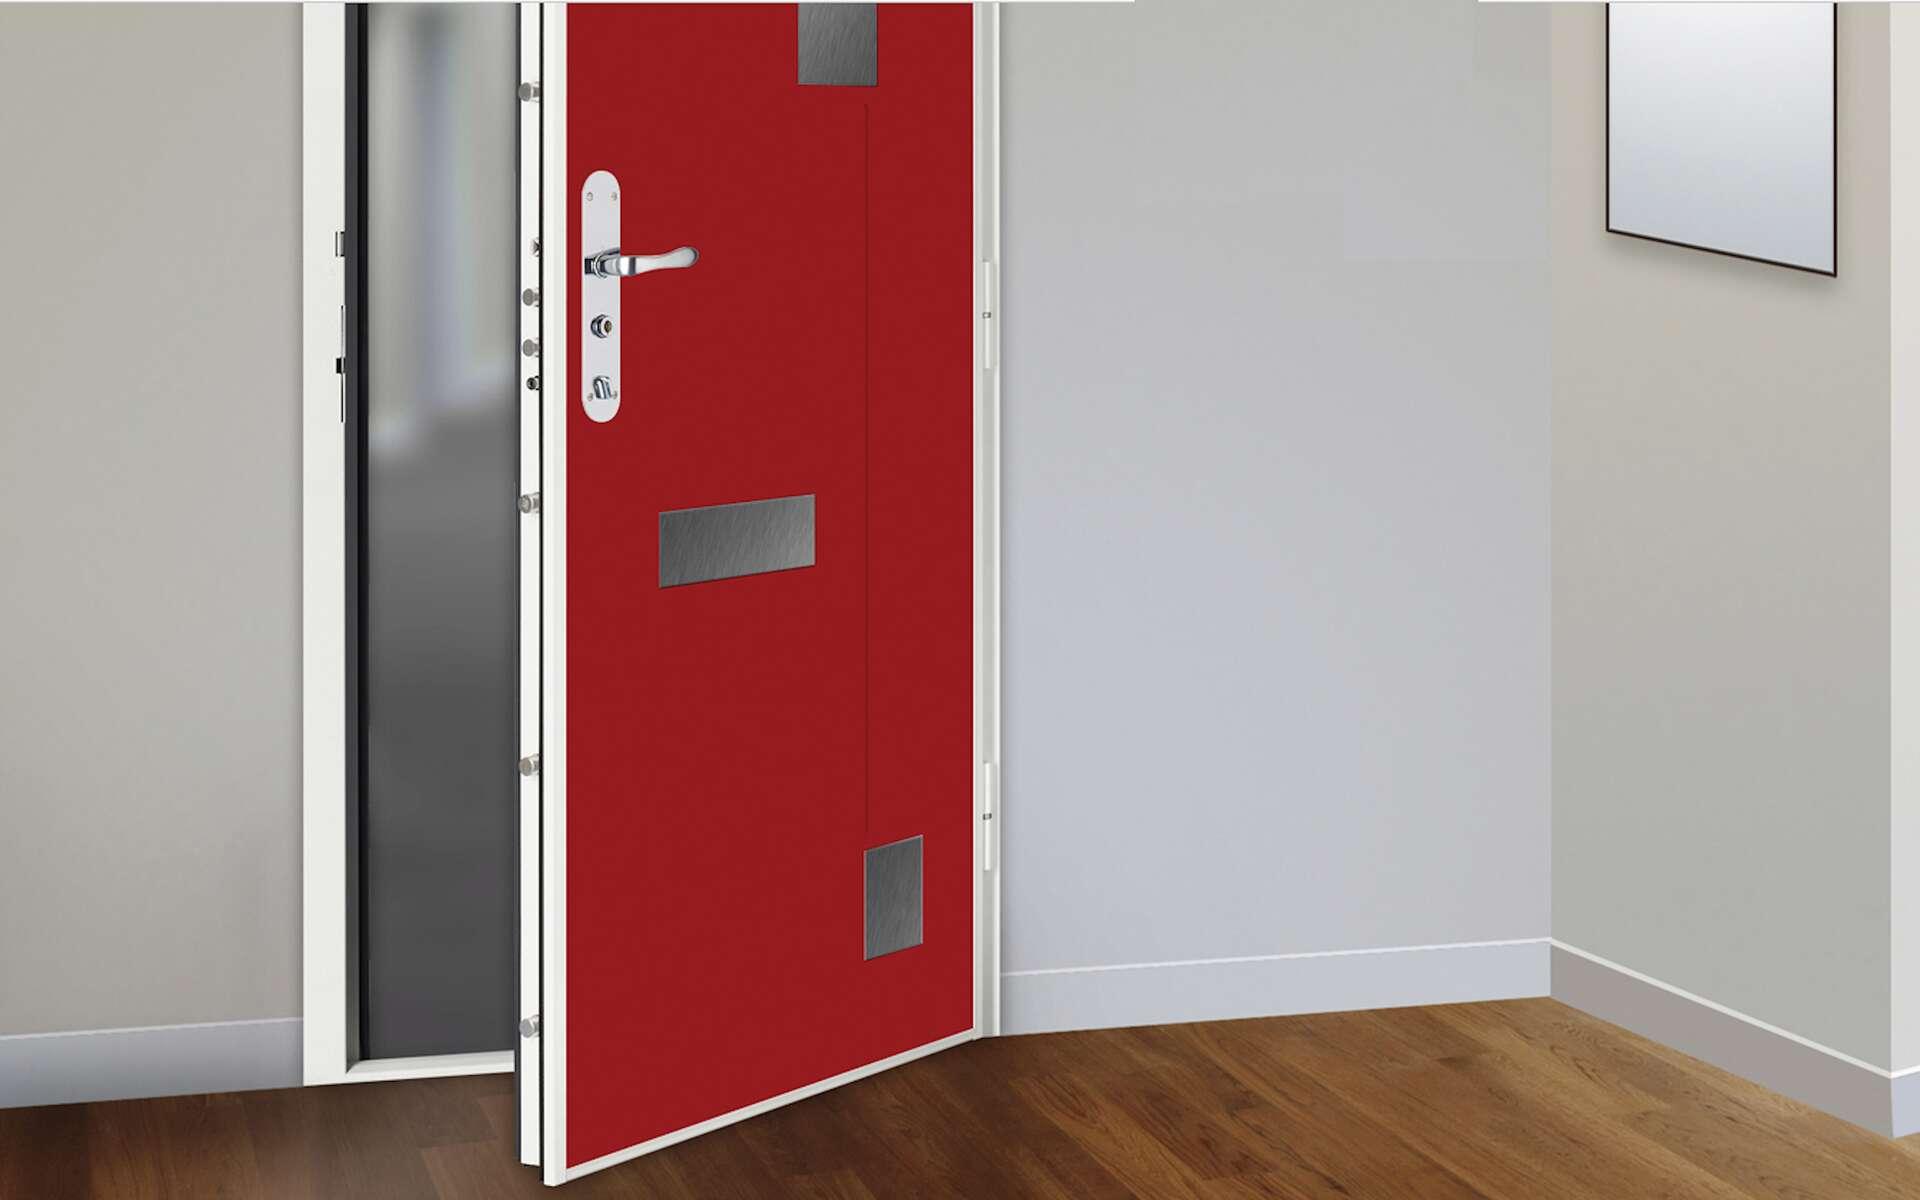 Les différents points de fermeture se manœuvrent en même temps avec la clé. En version relevable, on doit relever la poignée ou béquille pour pouvoir tourner la clé du côté intérieur et verrouiller la porte.